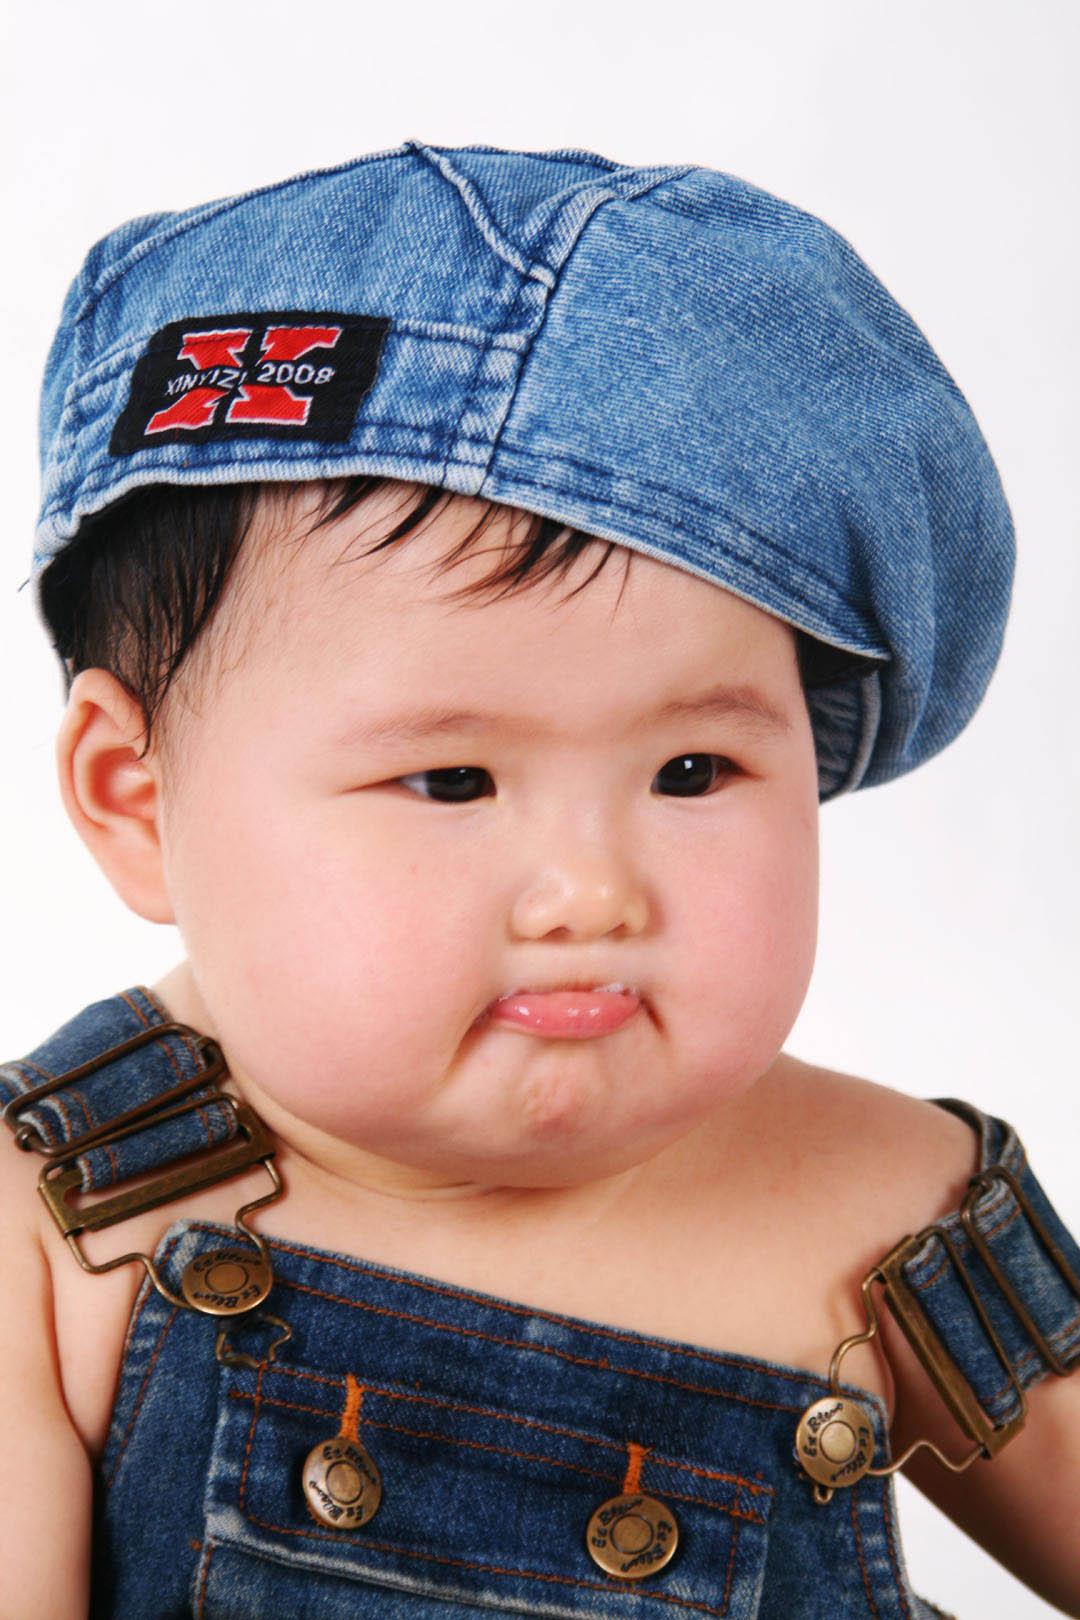 > 9个月的漂亮胖女孩~~~超可爱,大家赏脸看看